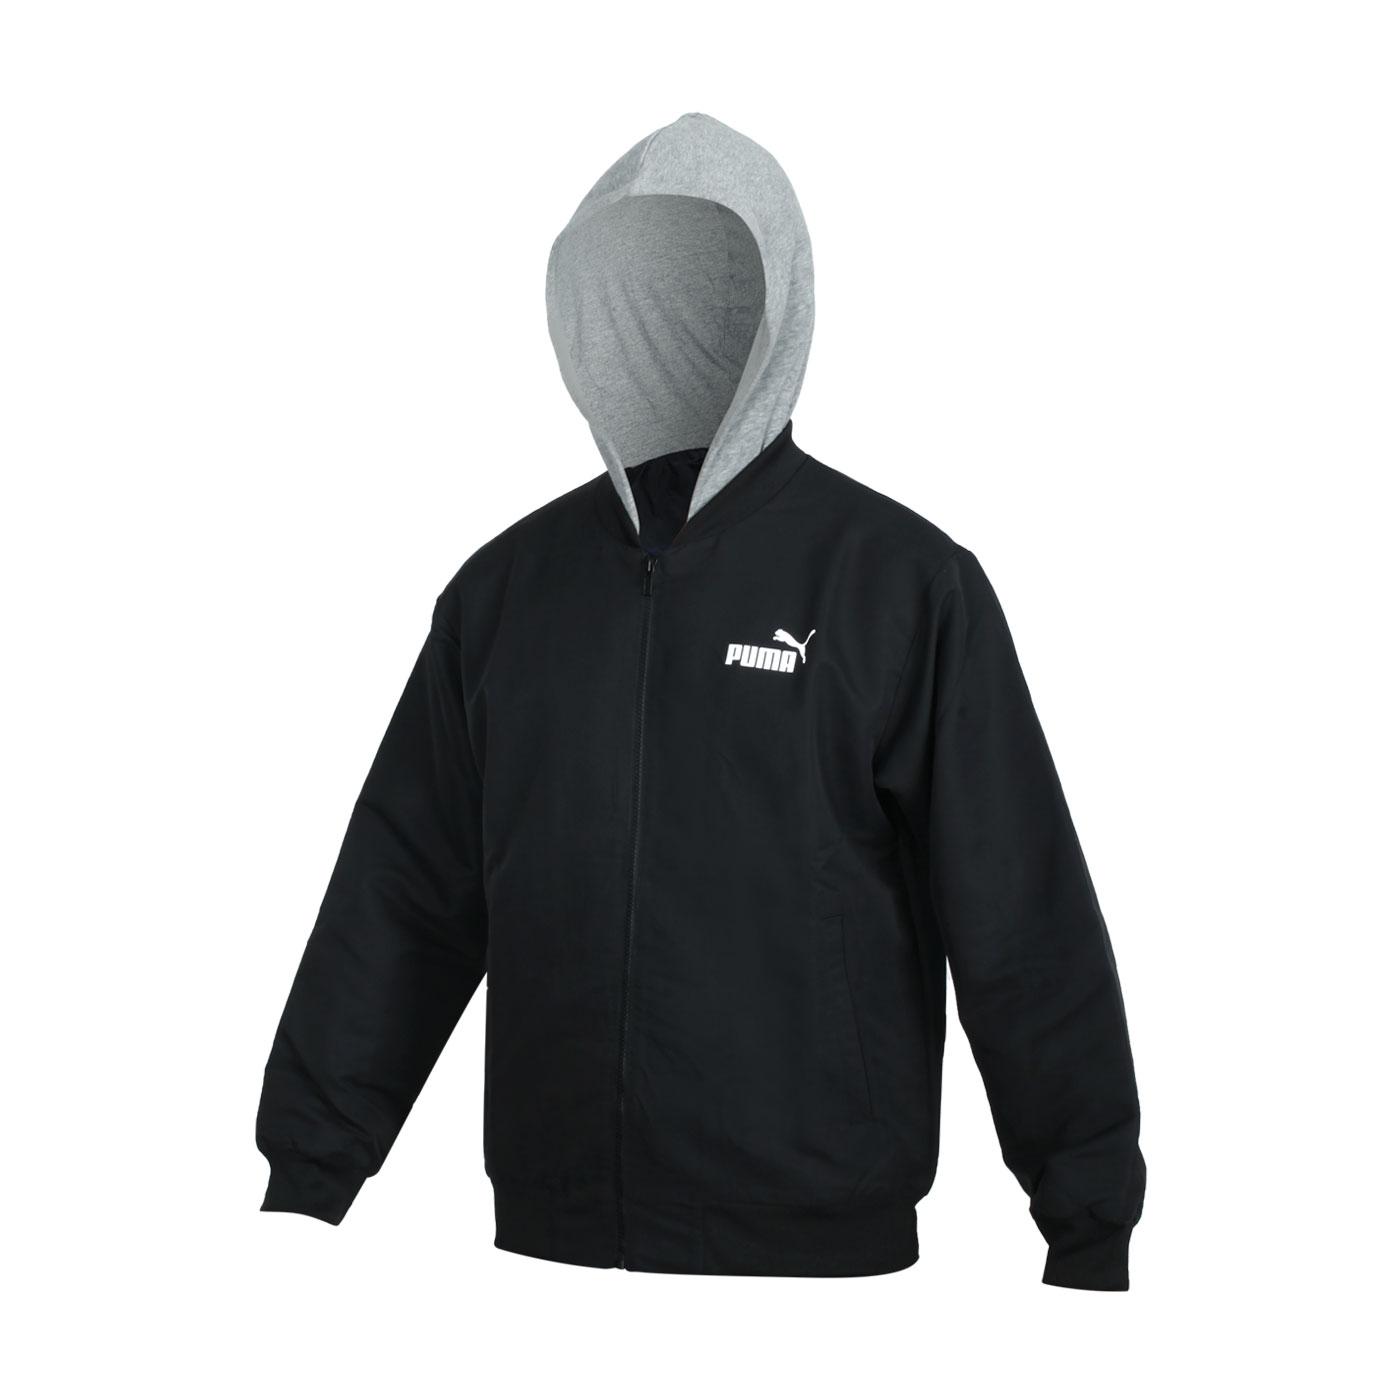 PUMA 男款基本系列連帽外套 58715301 - 黑灰白